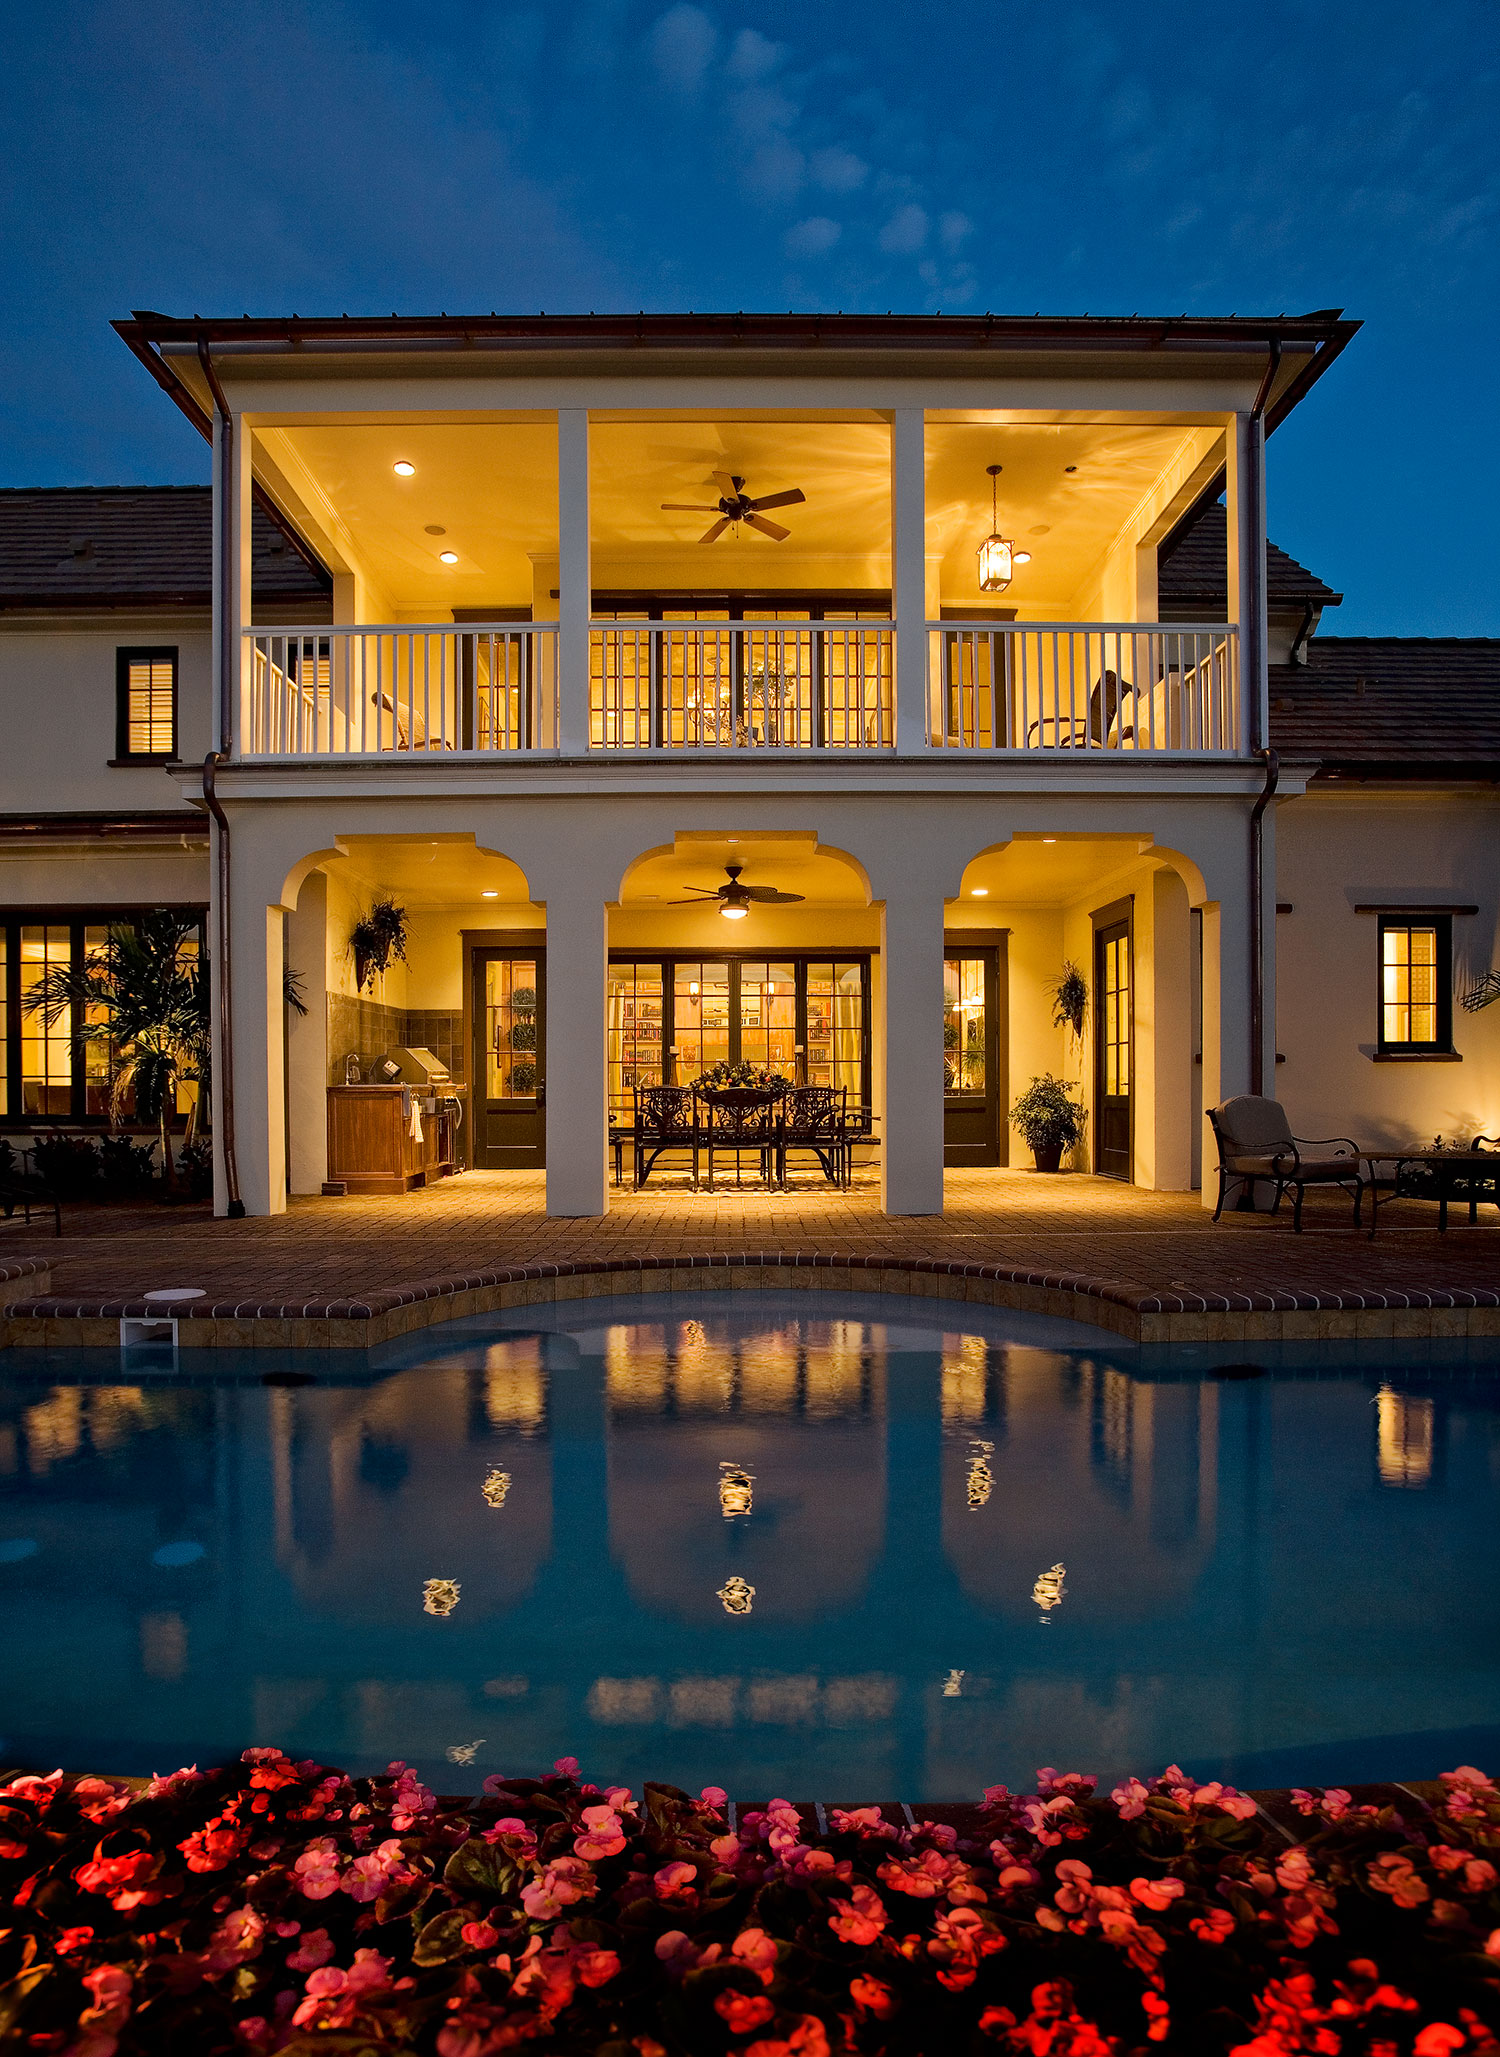 architecture-exterior_MecklerPhoto_19.jpg